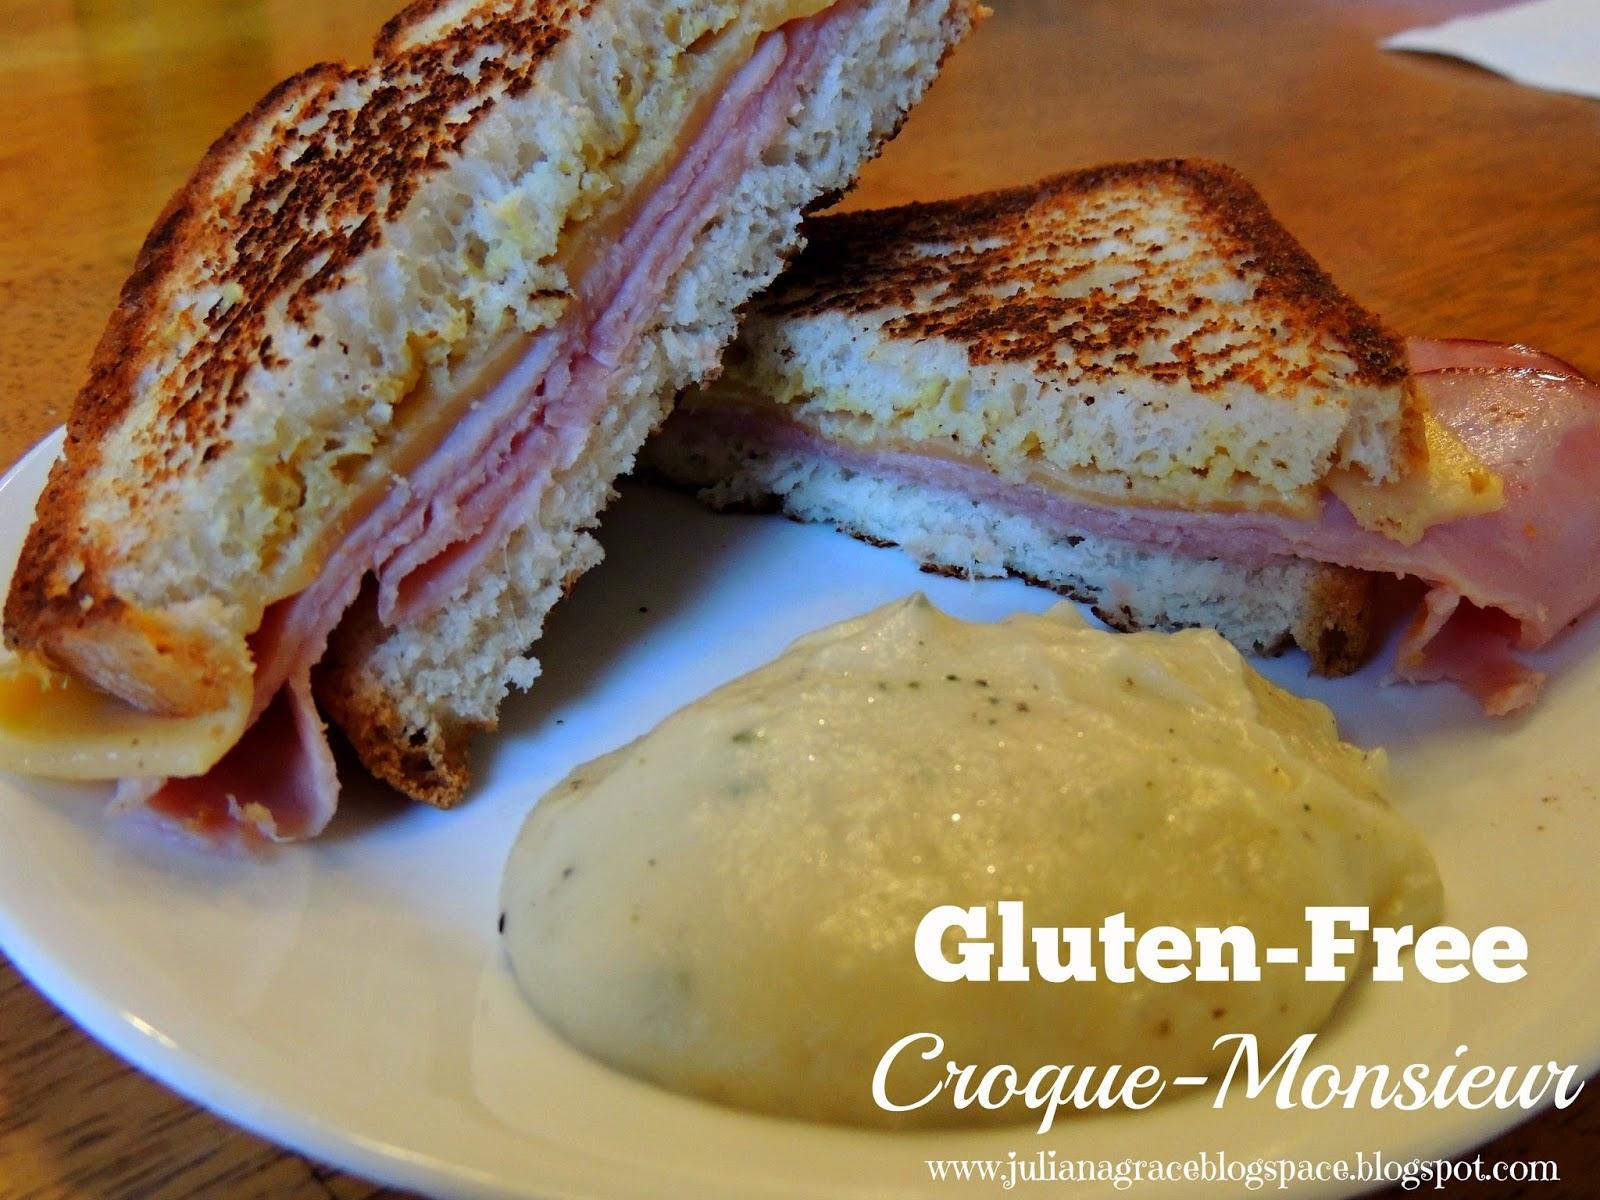 Gluten Free Croque-Monsieur - Juliana Grace